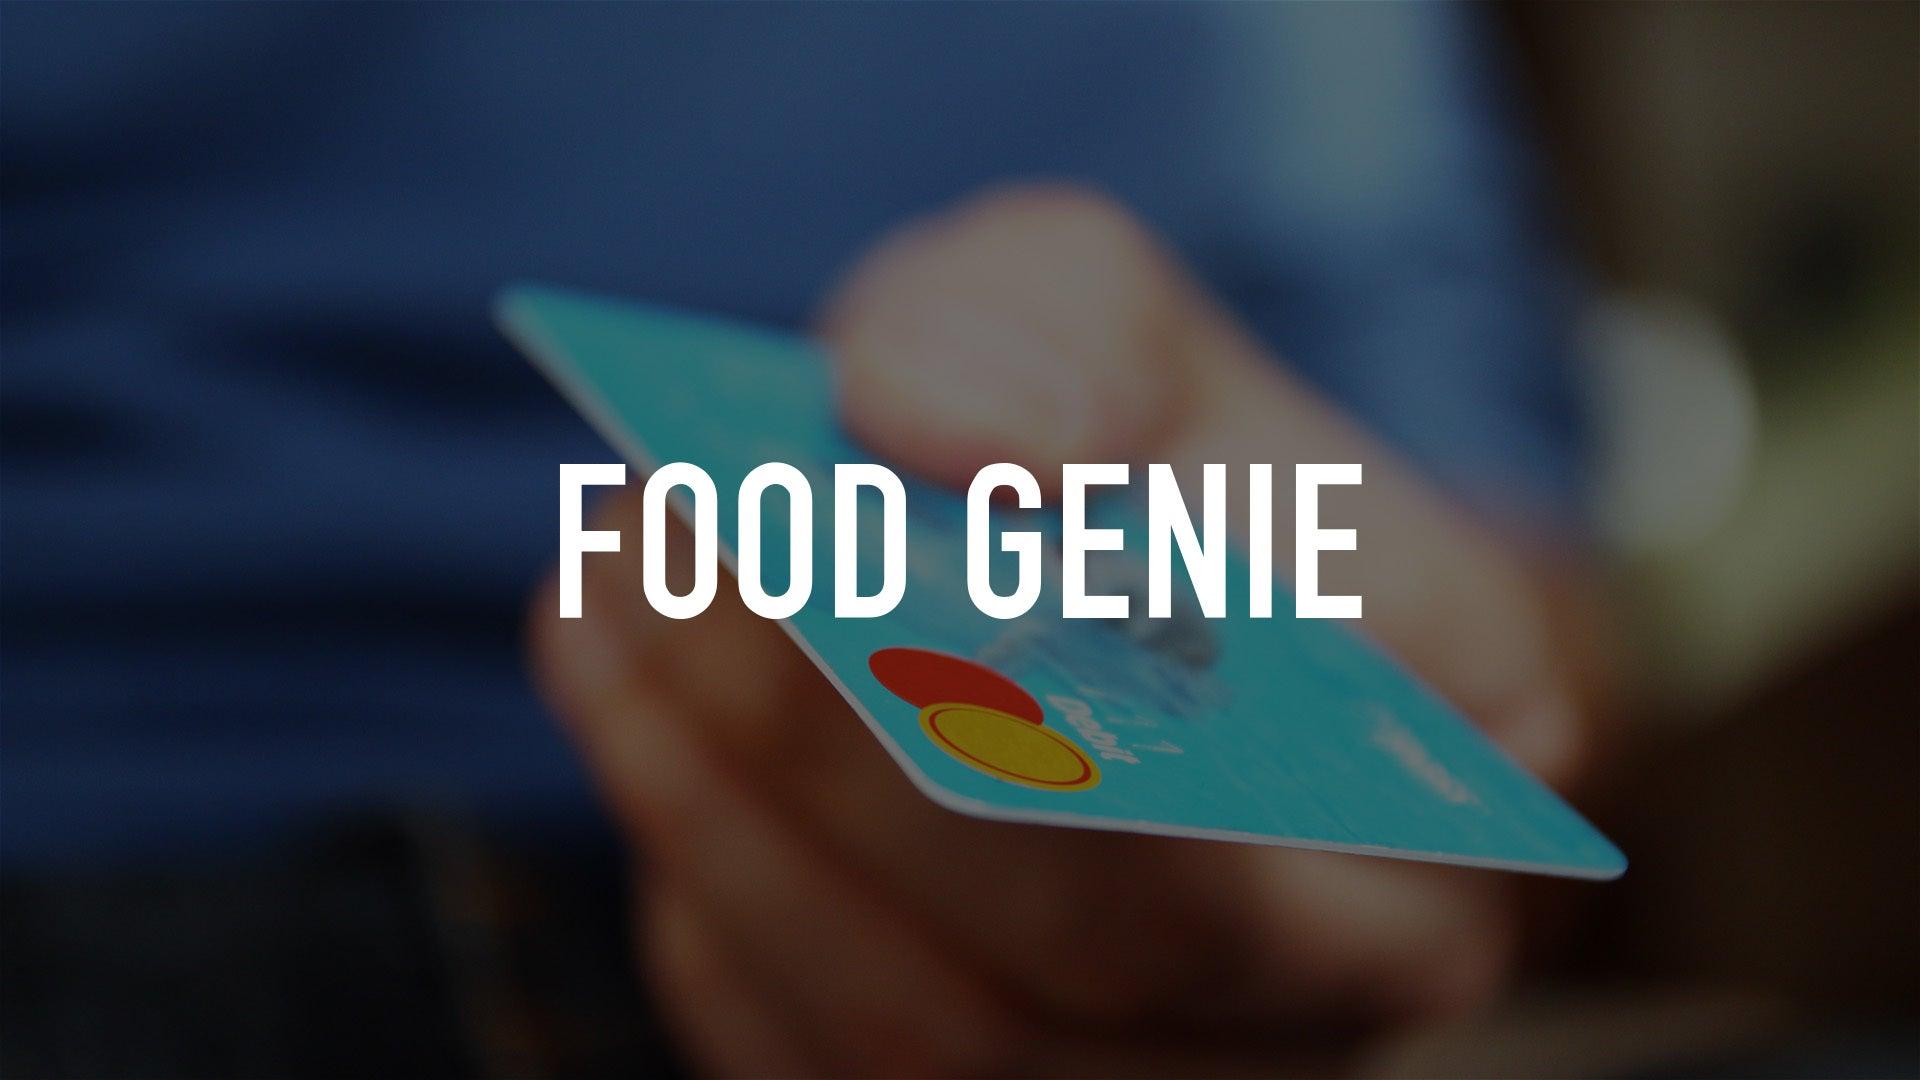 Food Genie